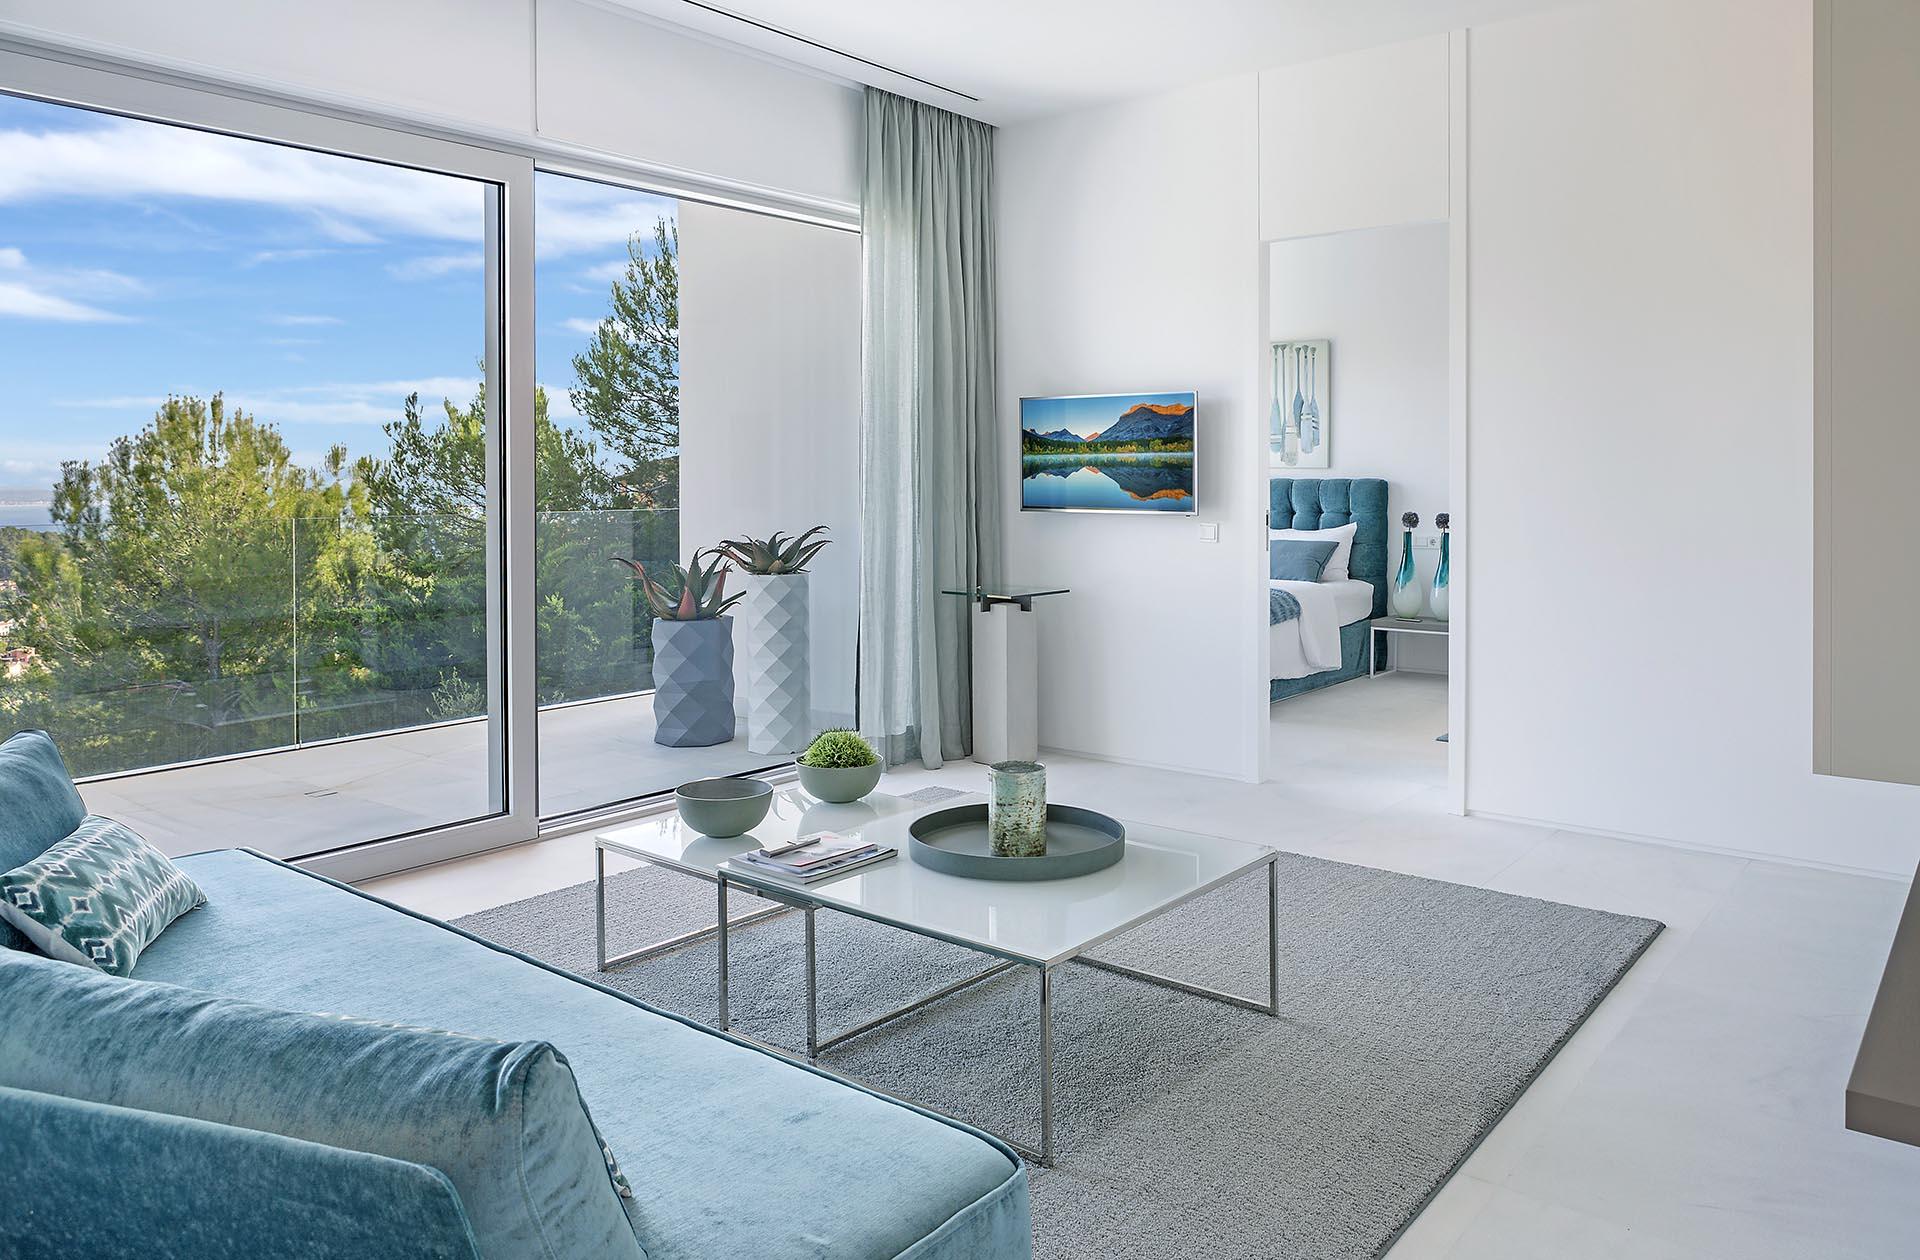 Traumhafte moderne Villa in Costa den Blanes - Hohe Glasfronten